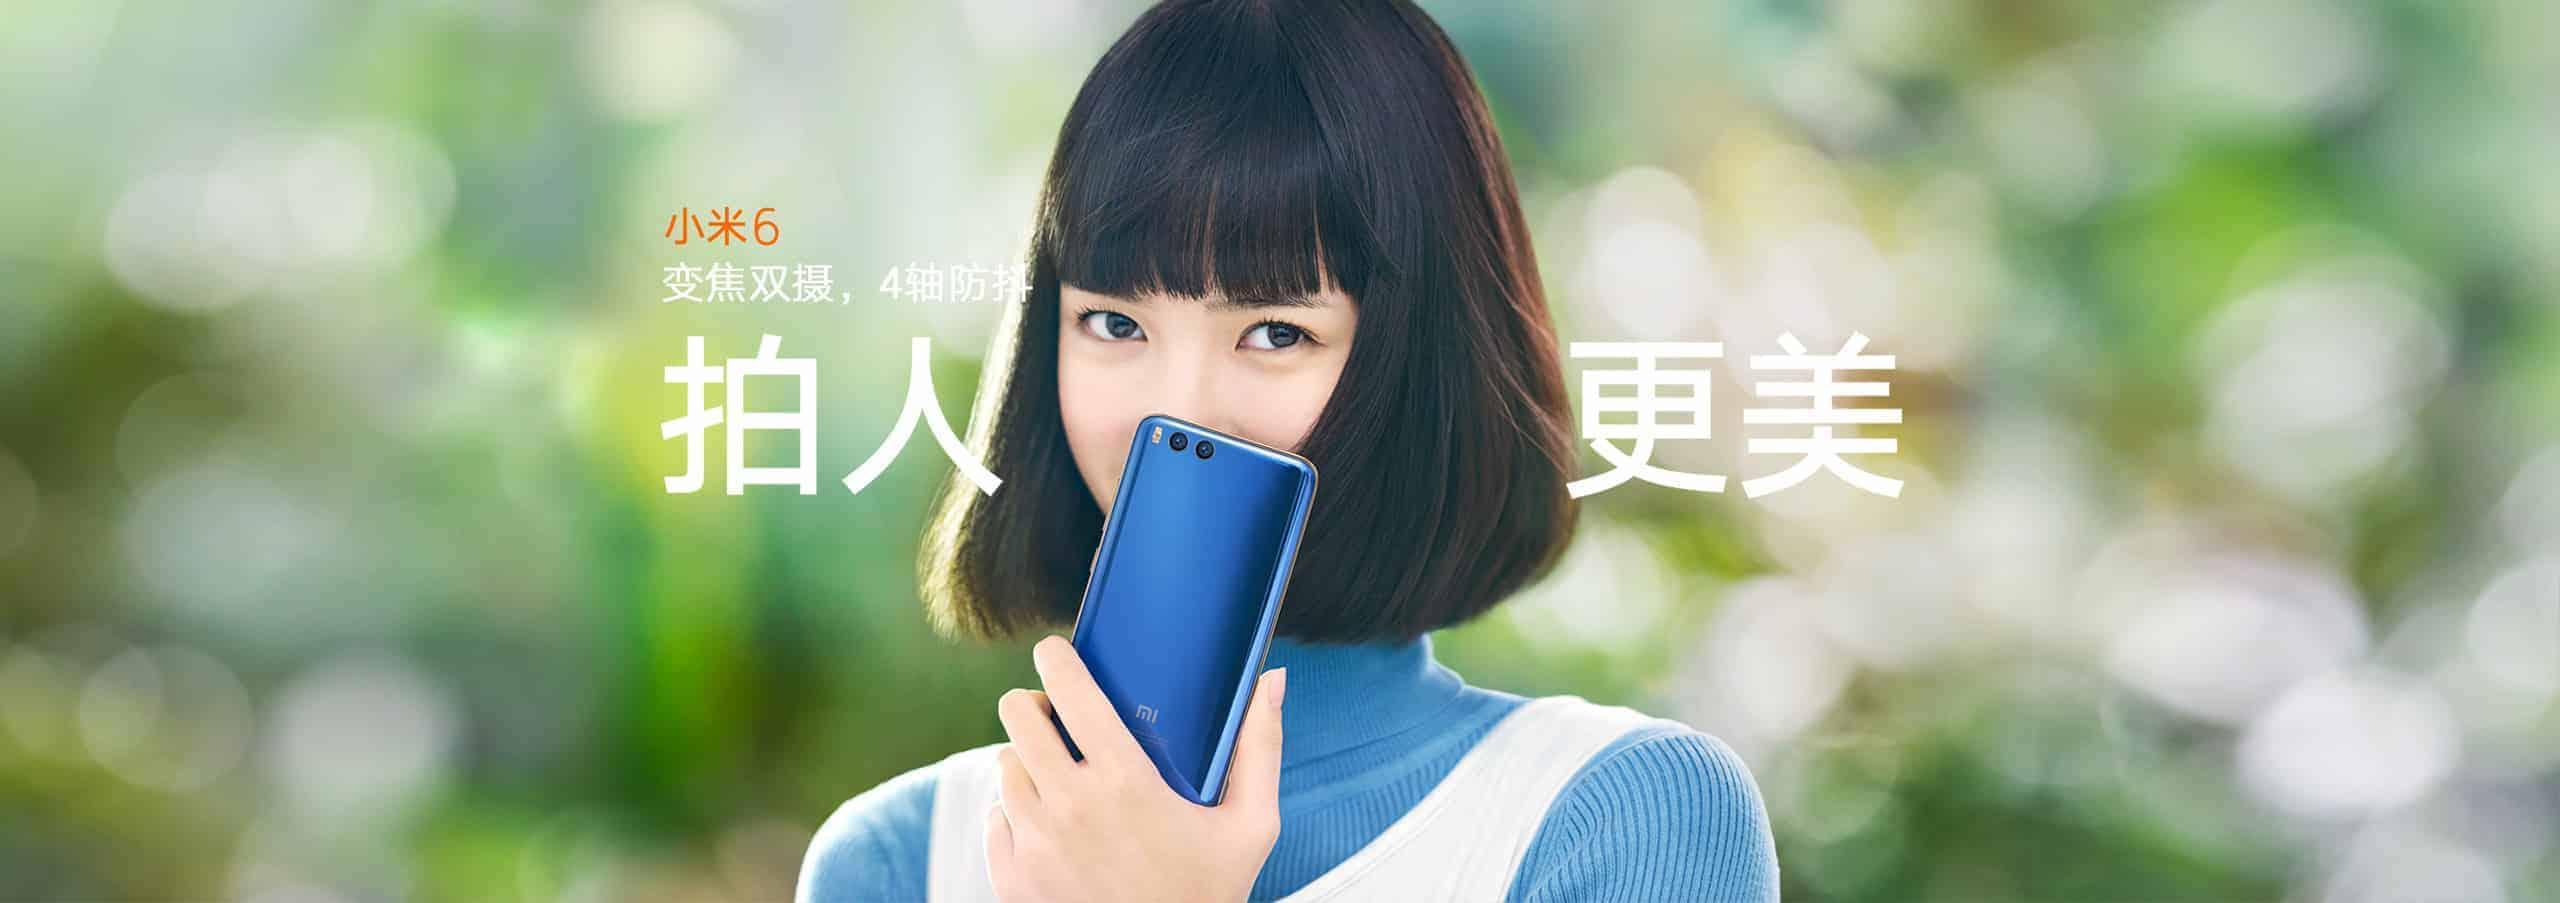 Xiaomi-Mi-6-imagen-oficial-(17)